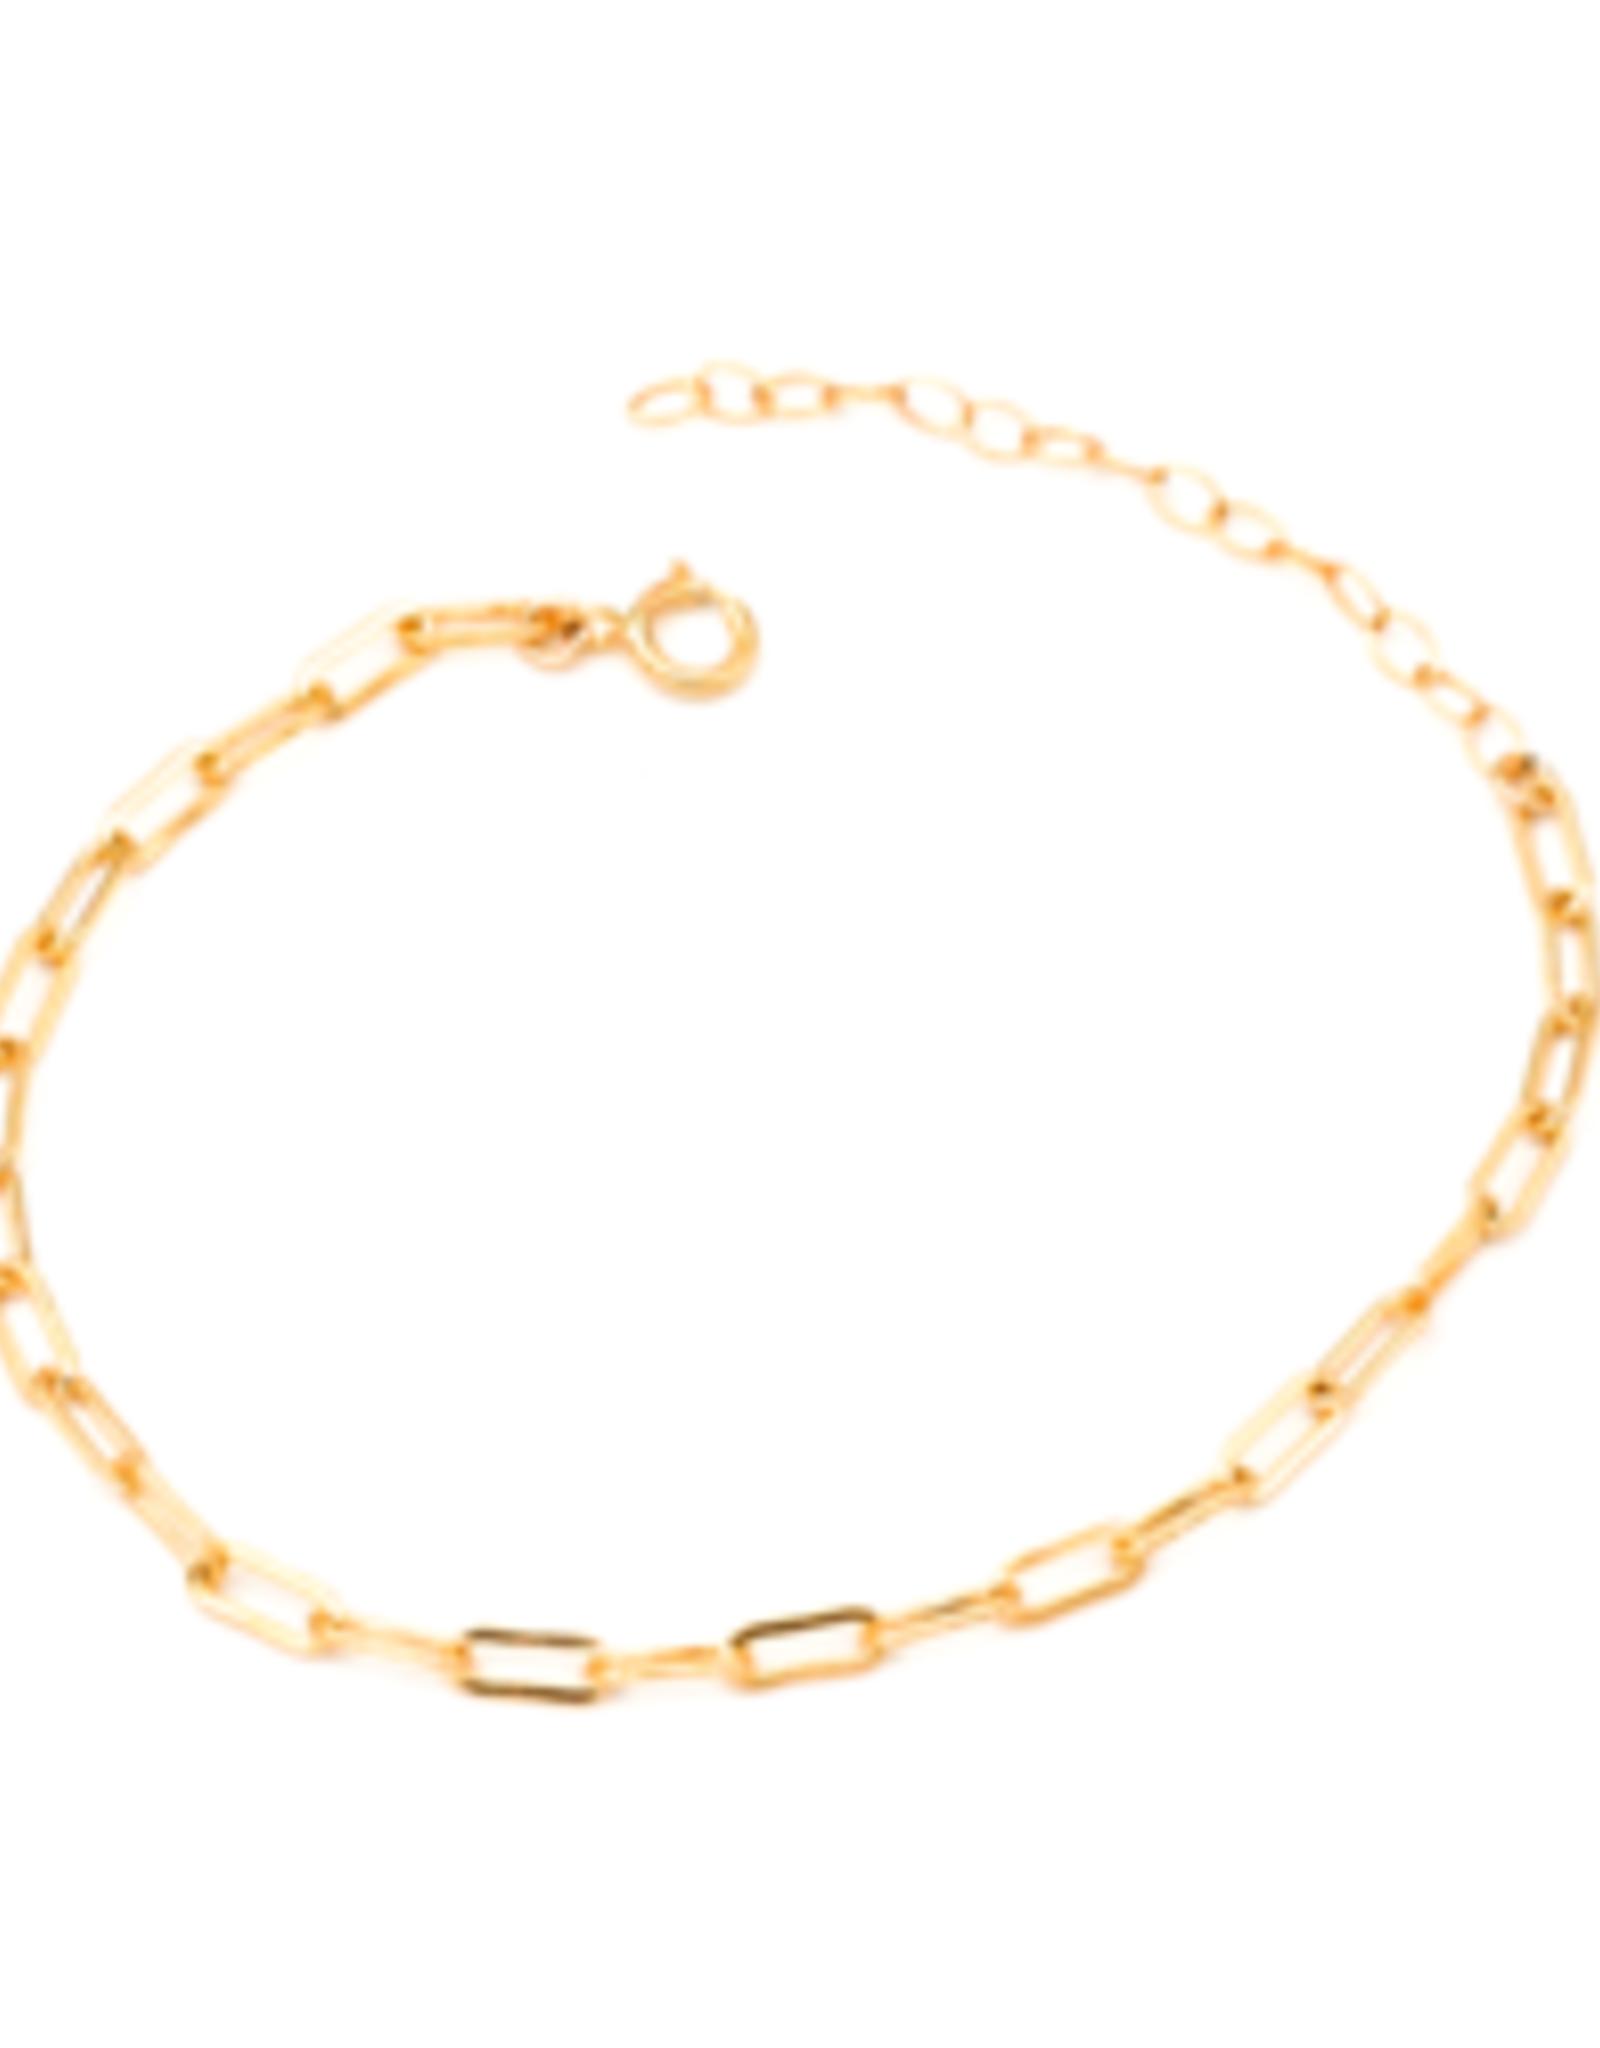 Solid Link Chain Bracelet